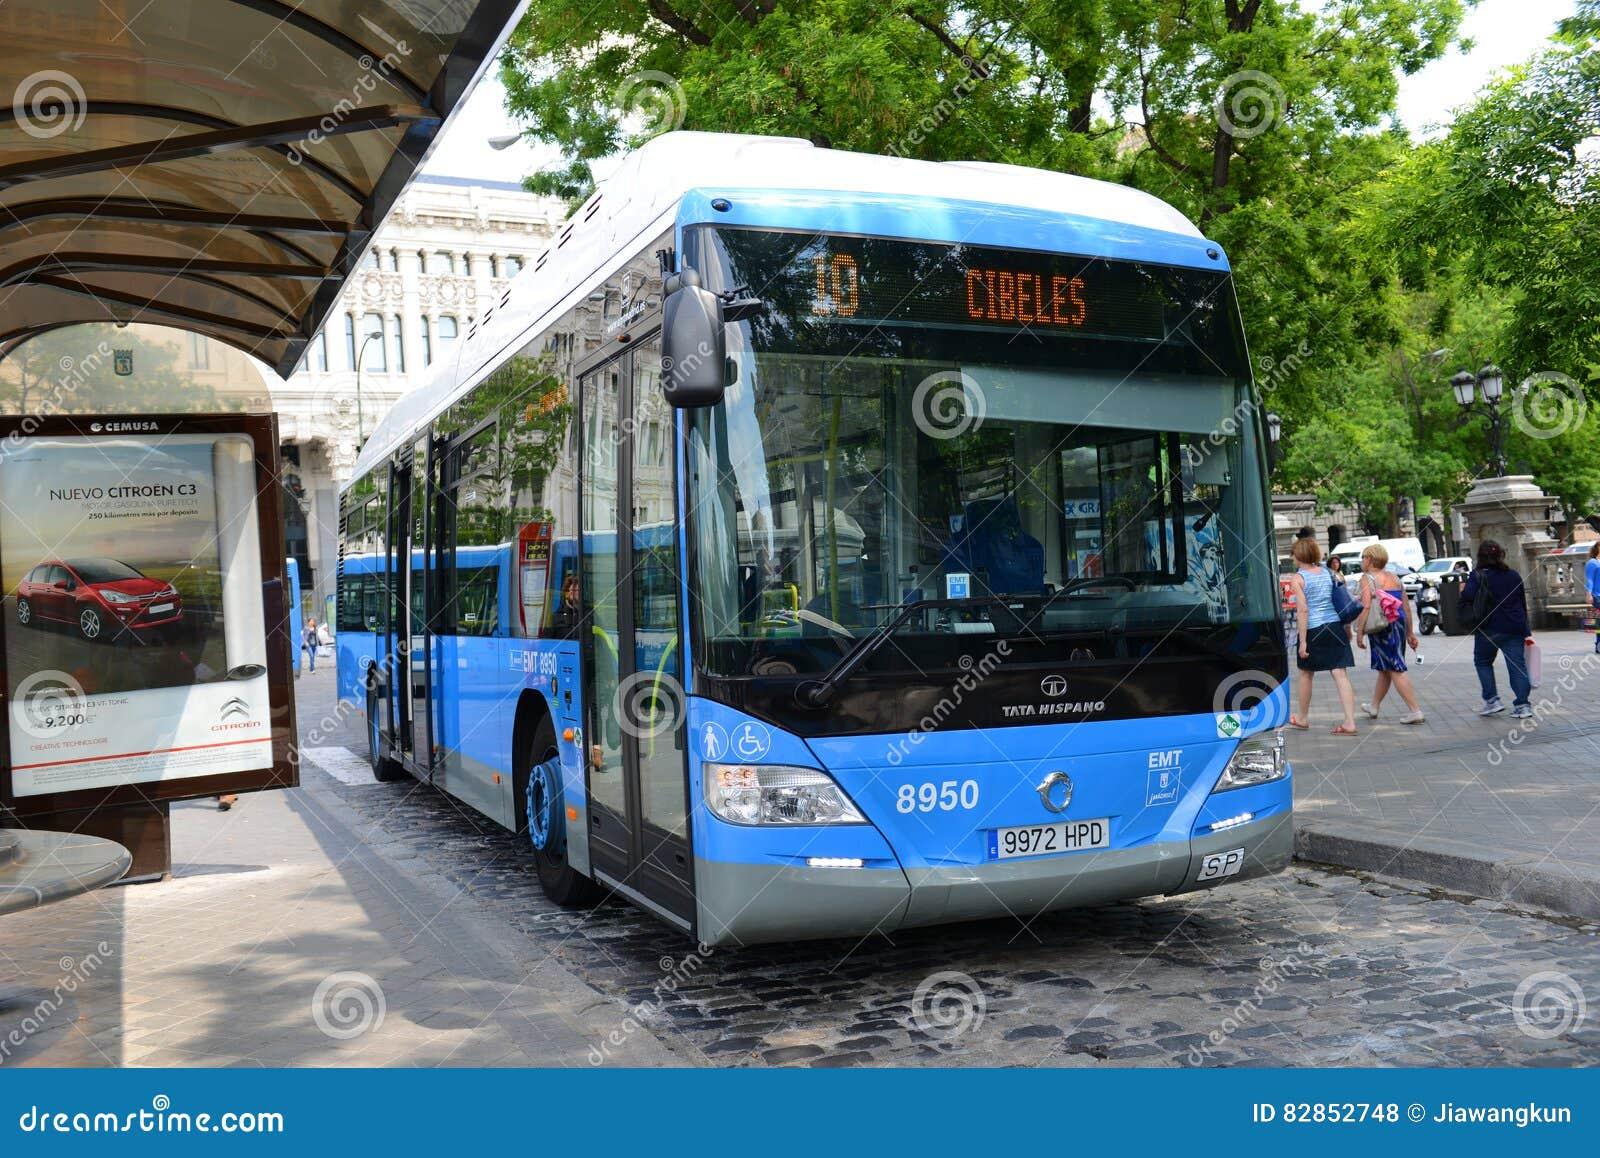 Madrid EMT urban bus in Madrid, Spain